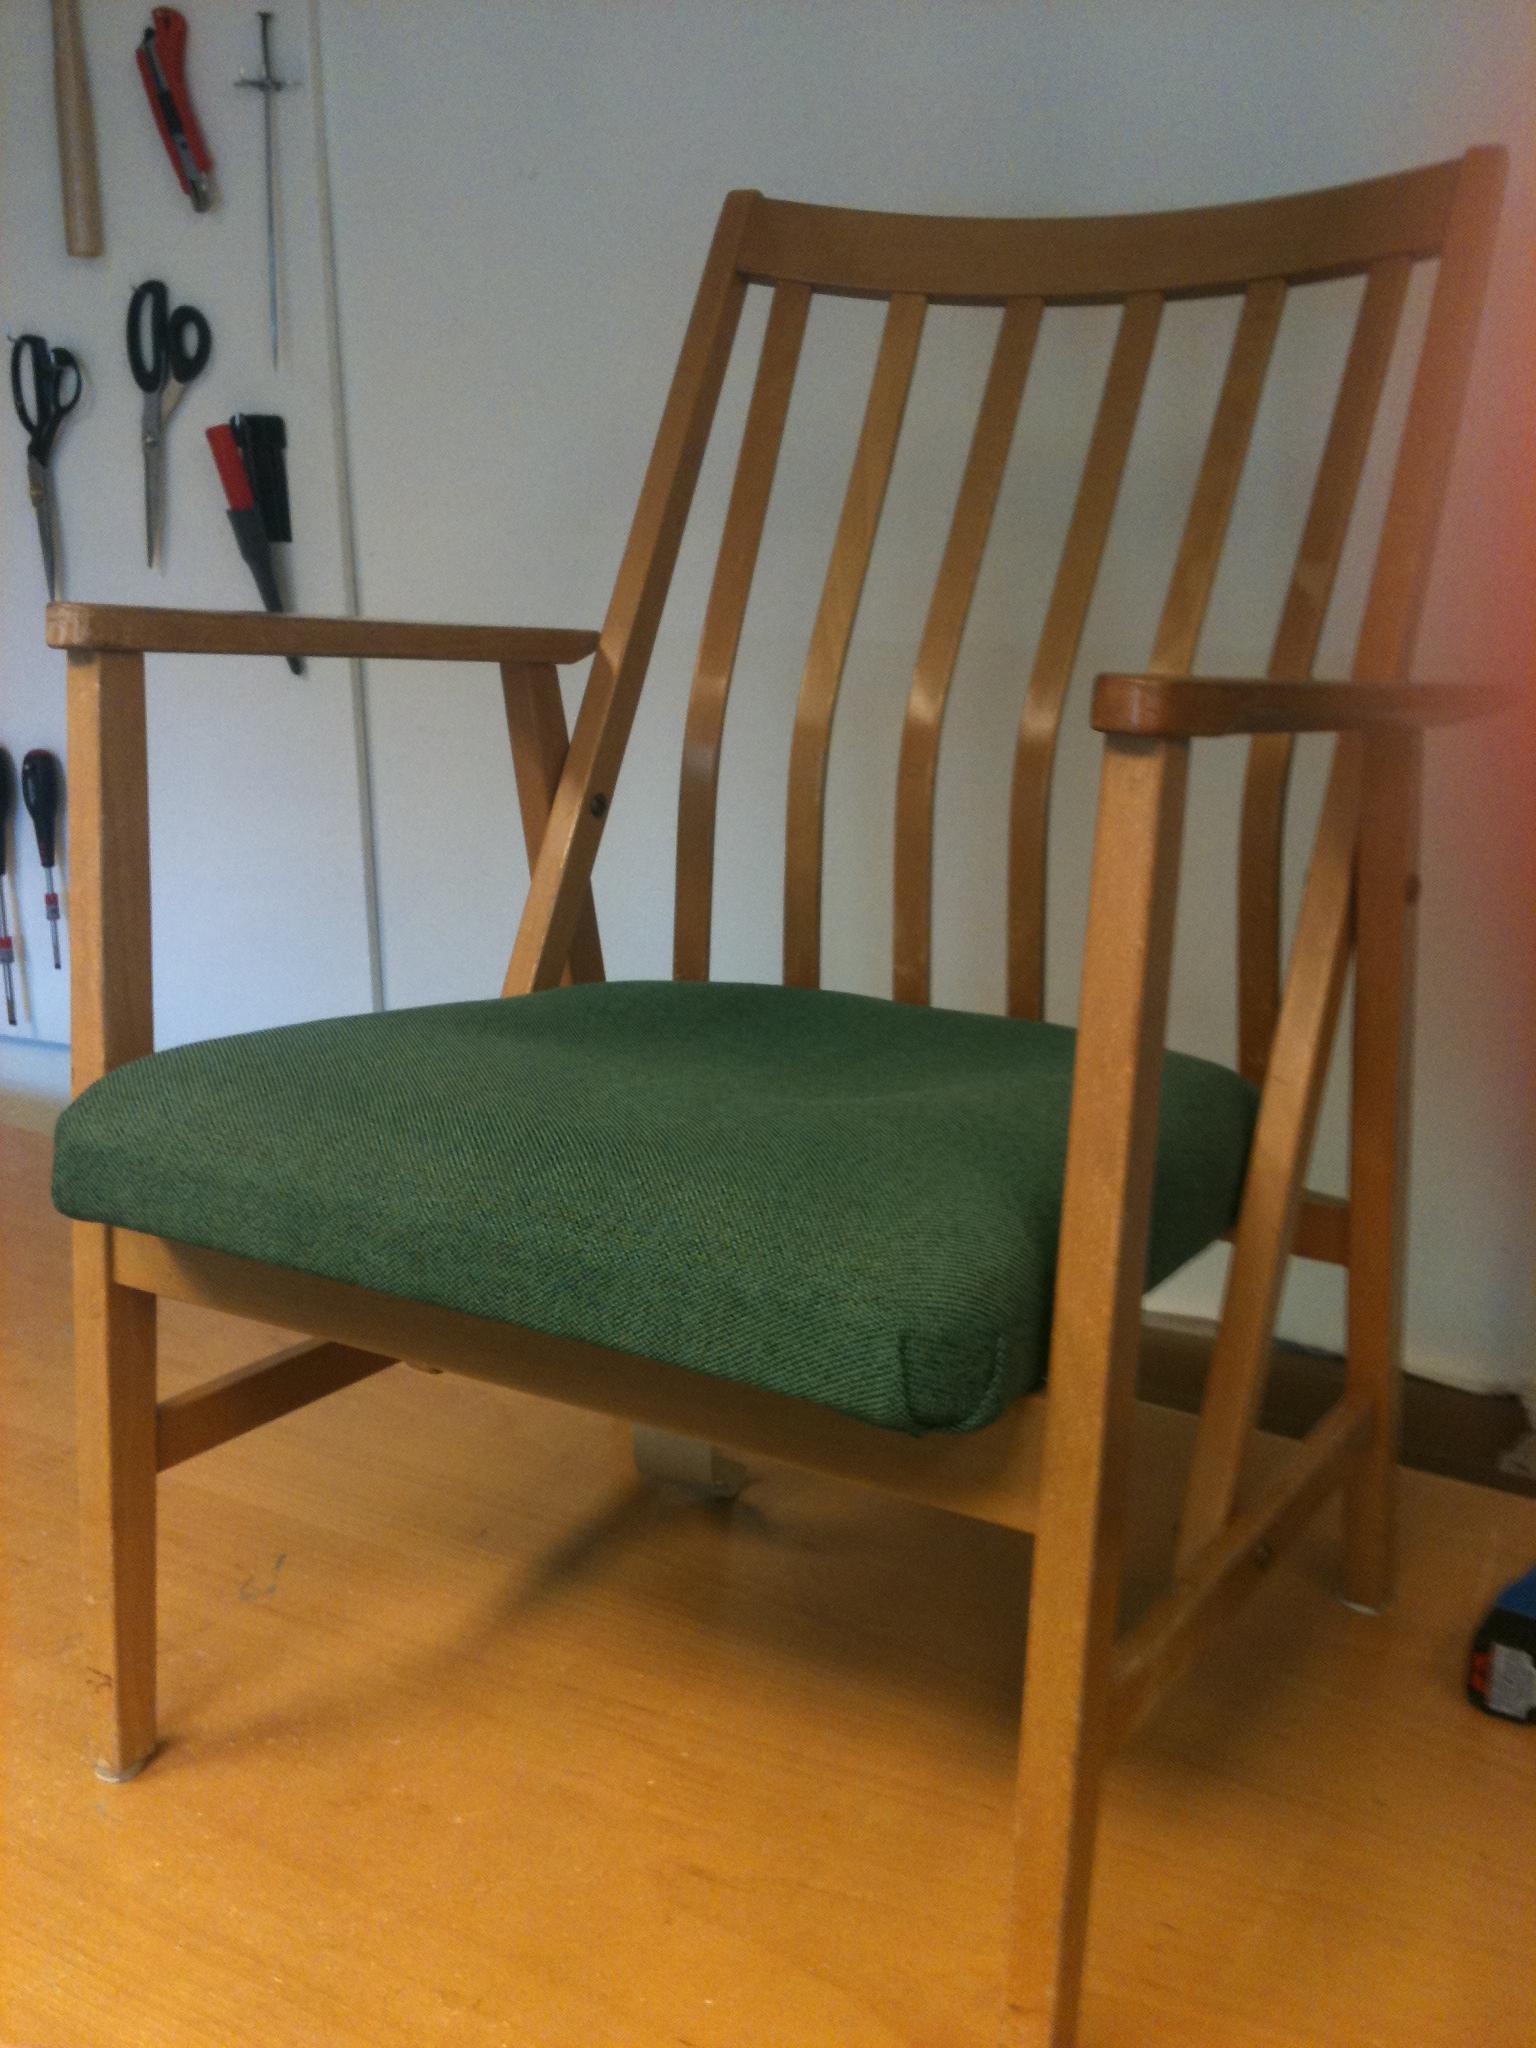 Åkerblomstolen före renovering